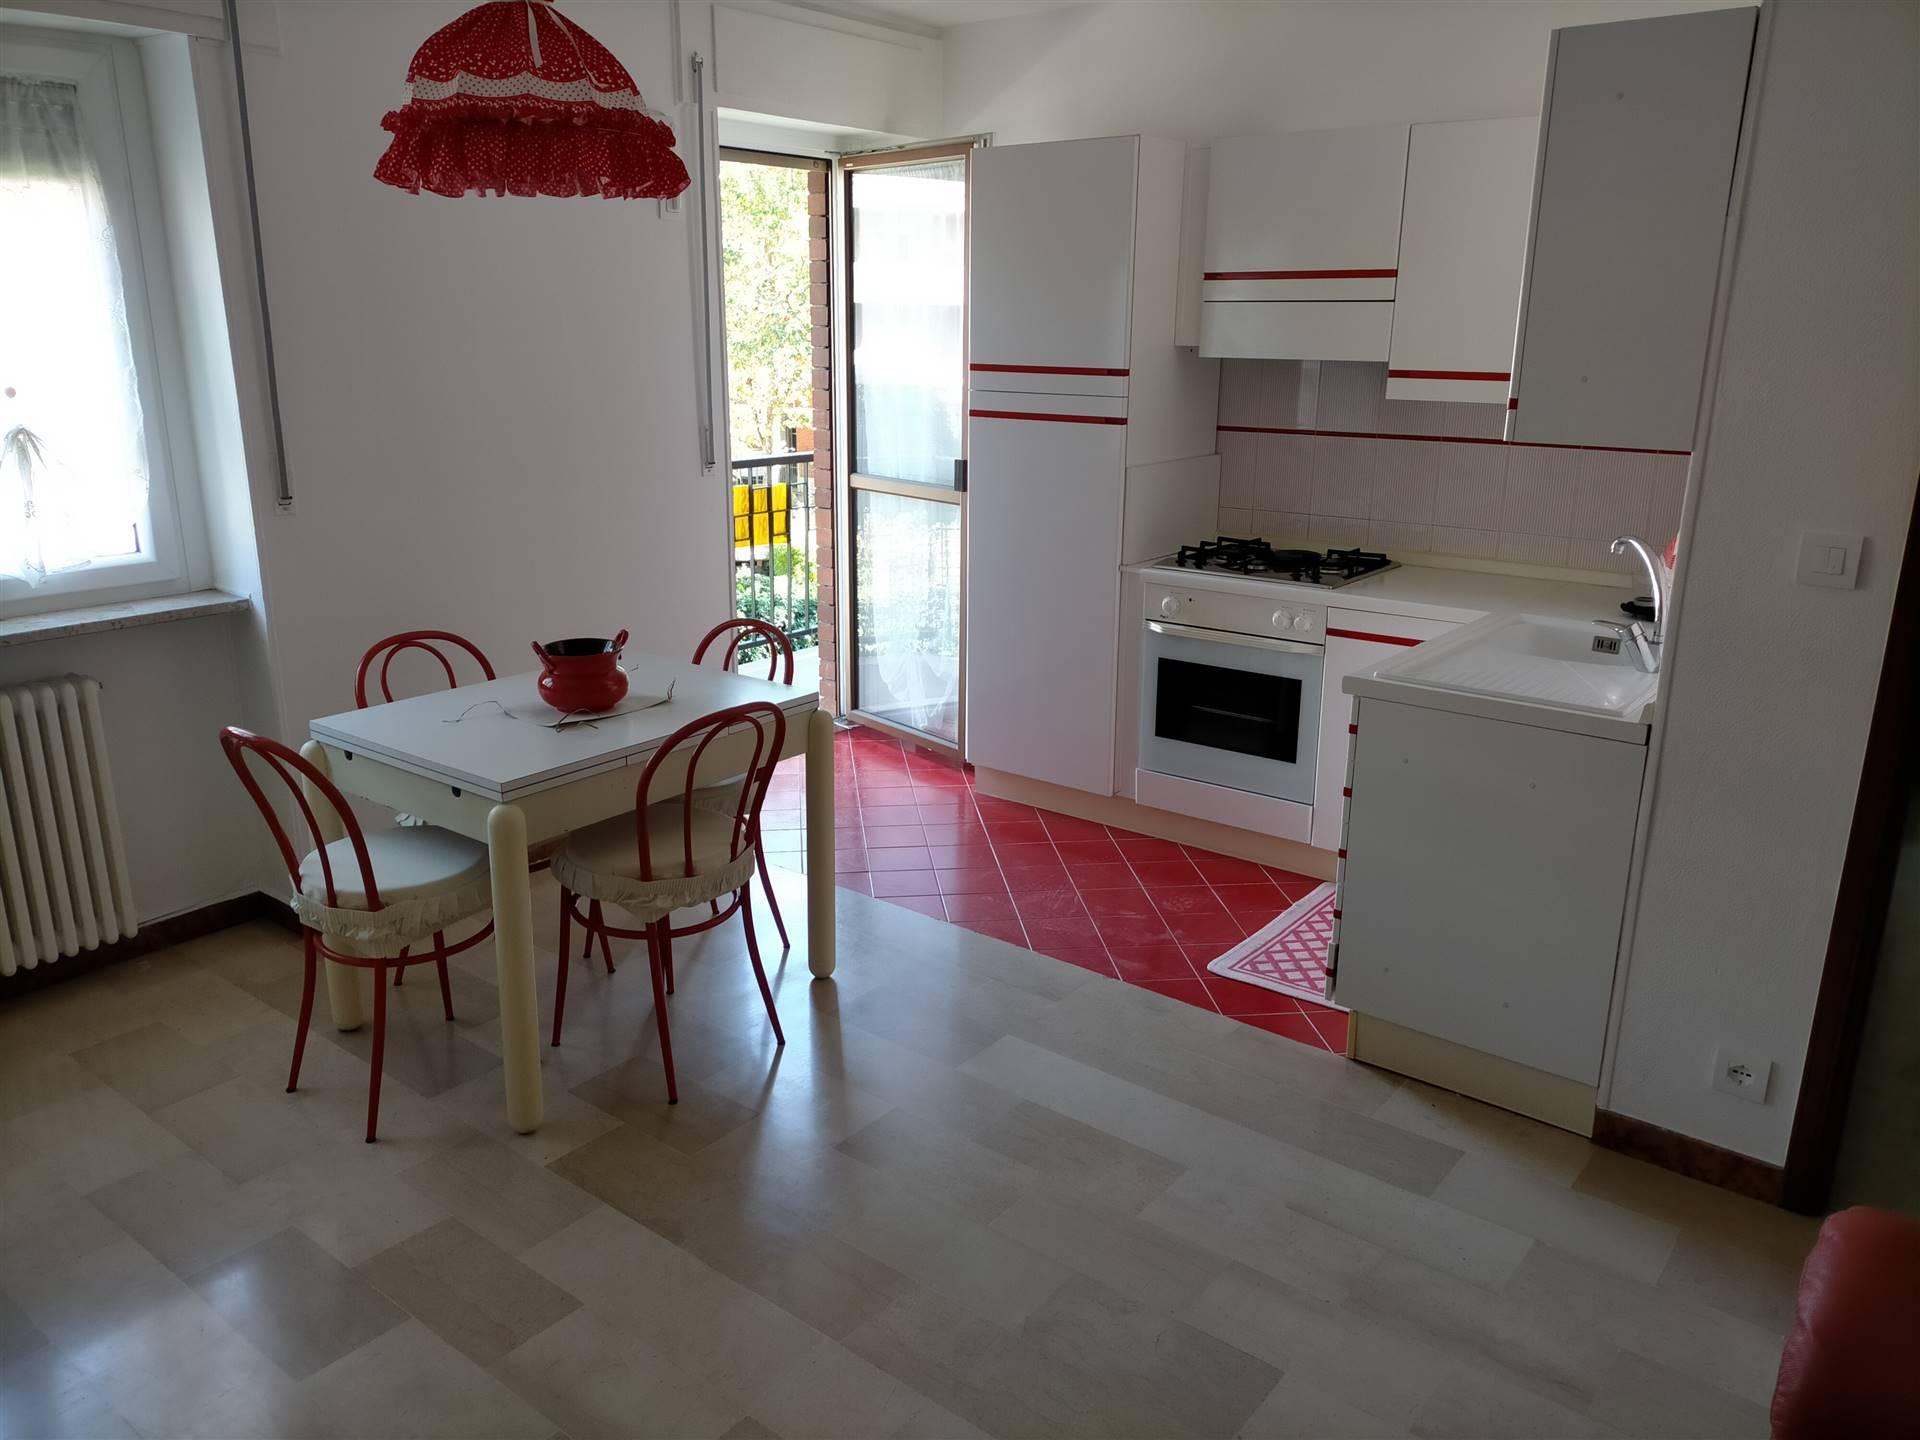 Appartamento in vendita a Aosta, 2 locali, zona Zona: Semicentro, prezzo € 125.000 | CambioCasa.it